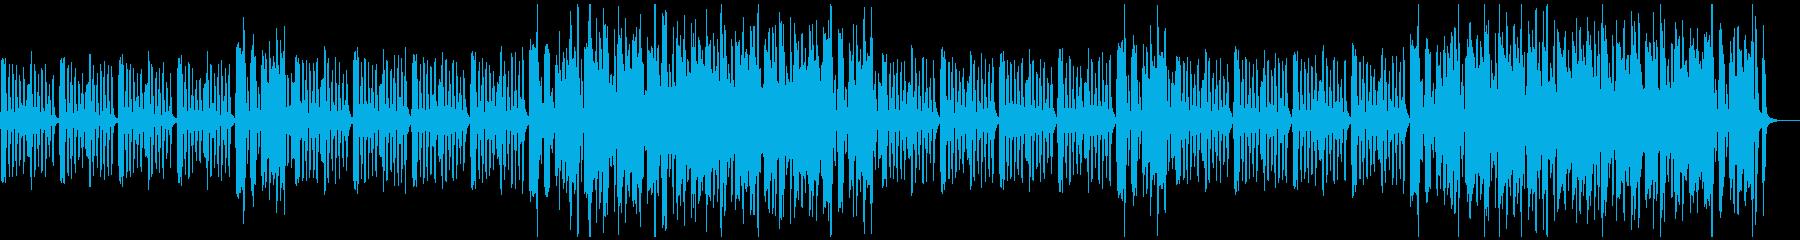 ほのぼの 日常 コミカル かわいい 木琴の再生済みの波形